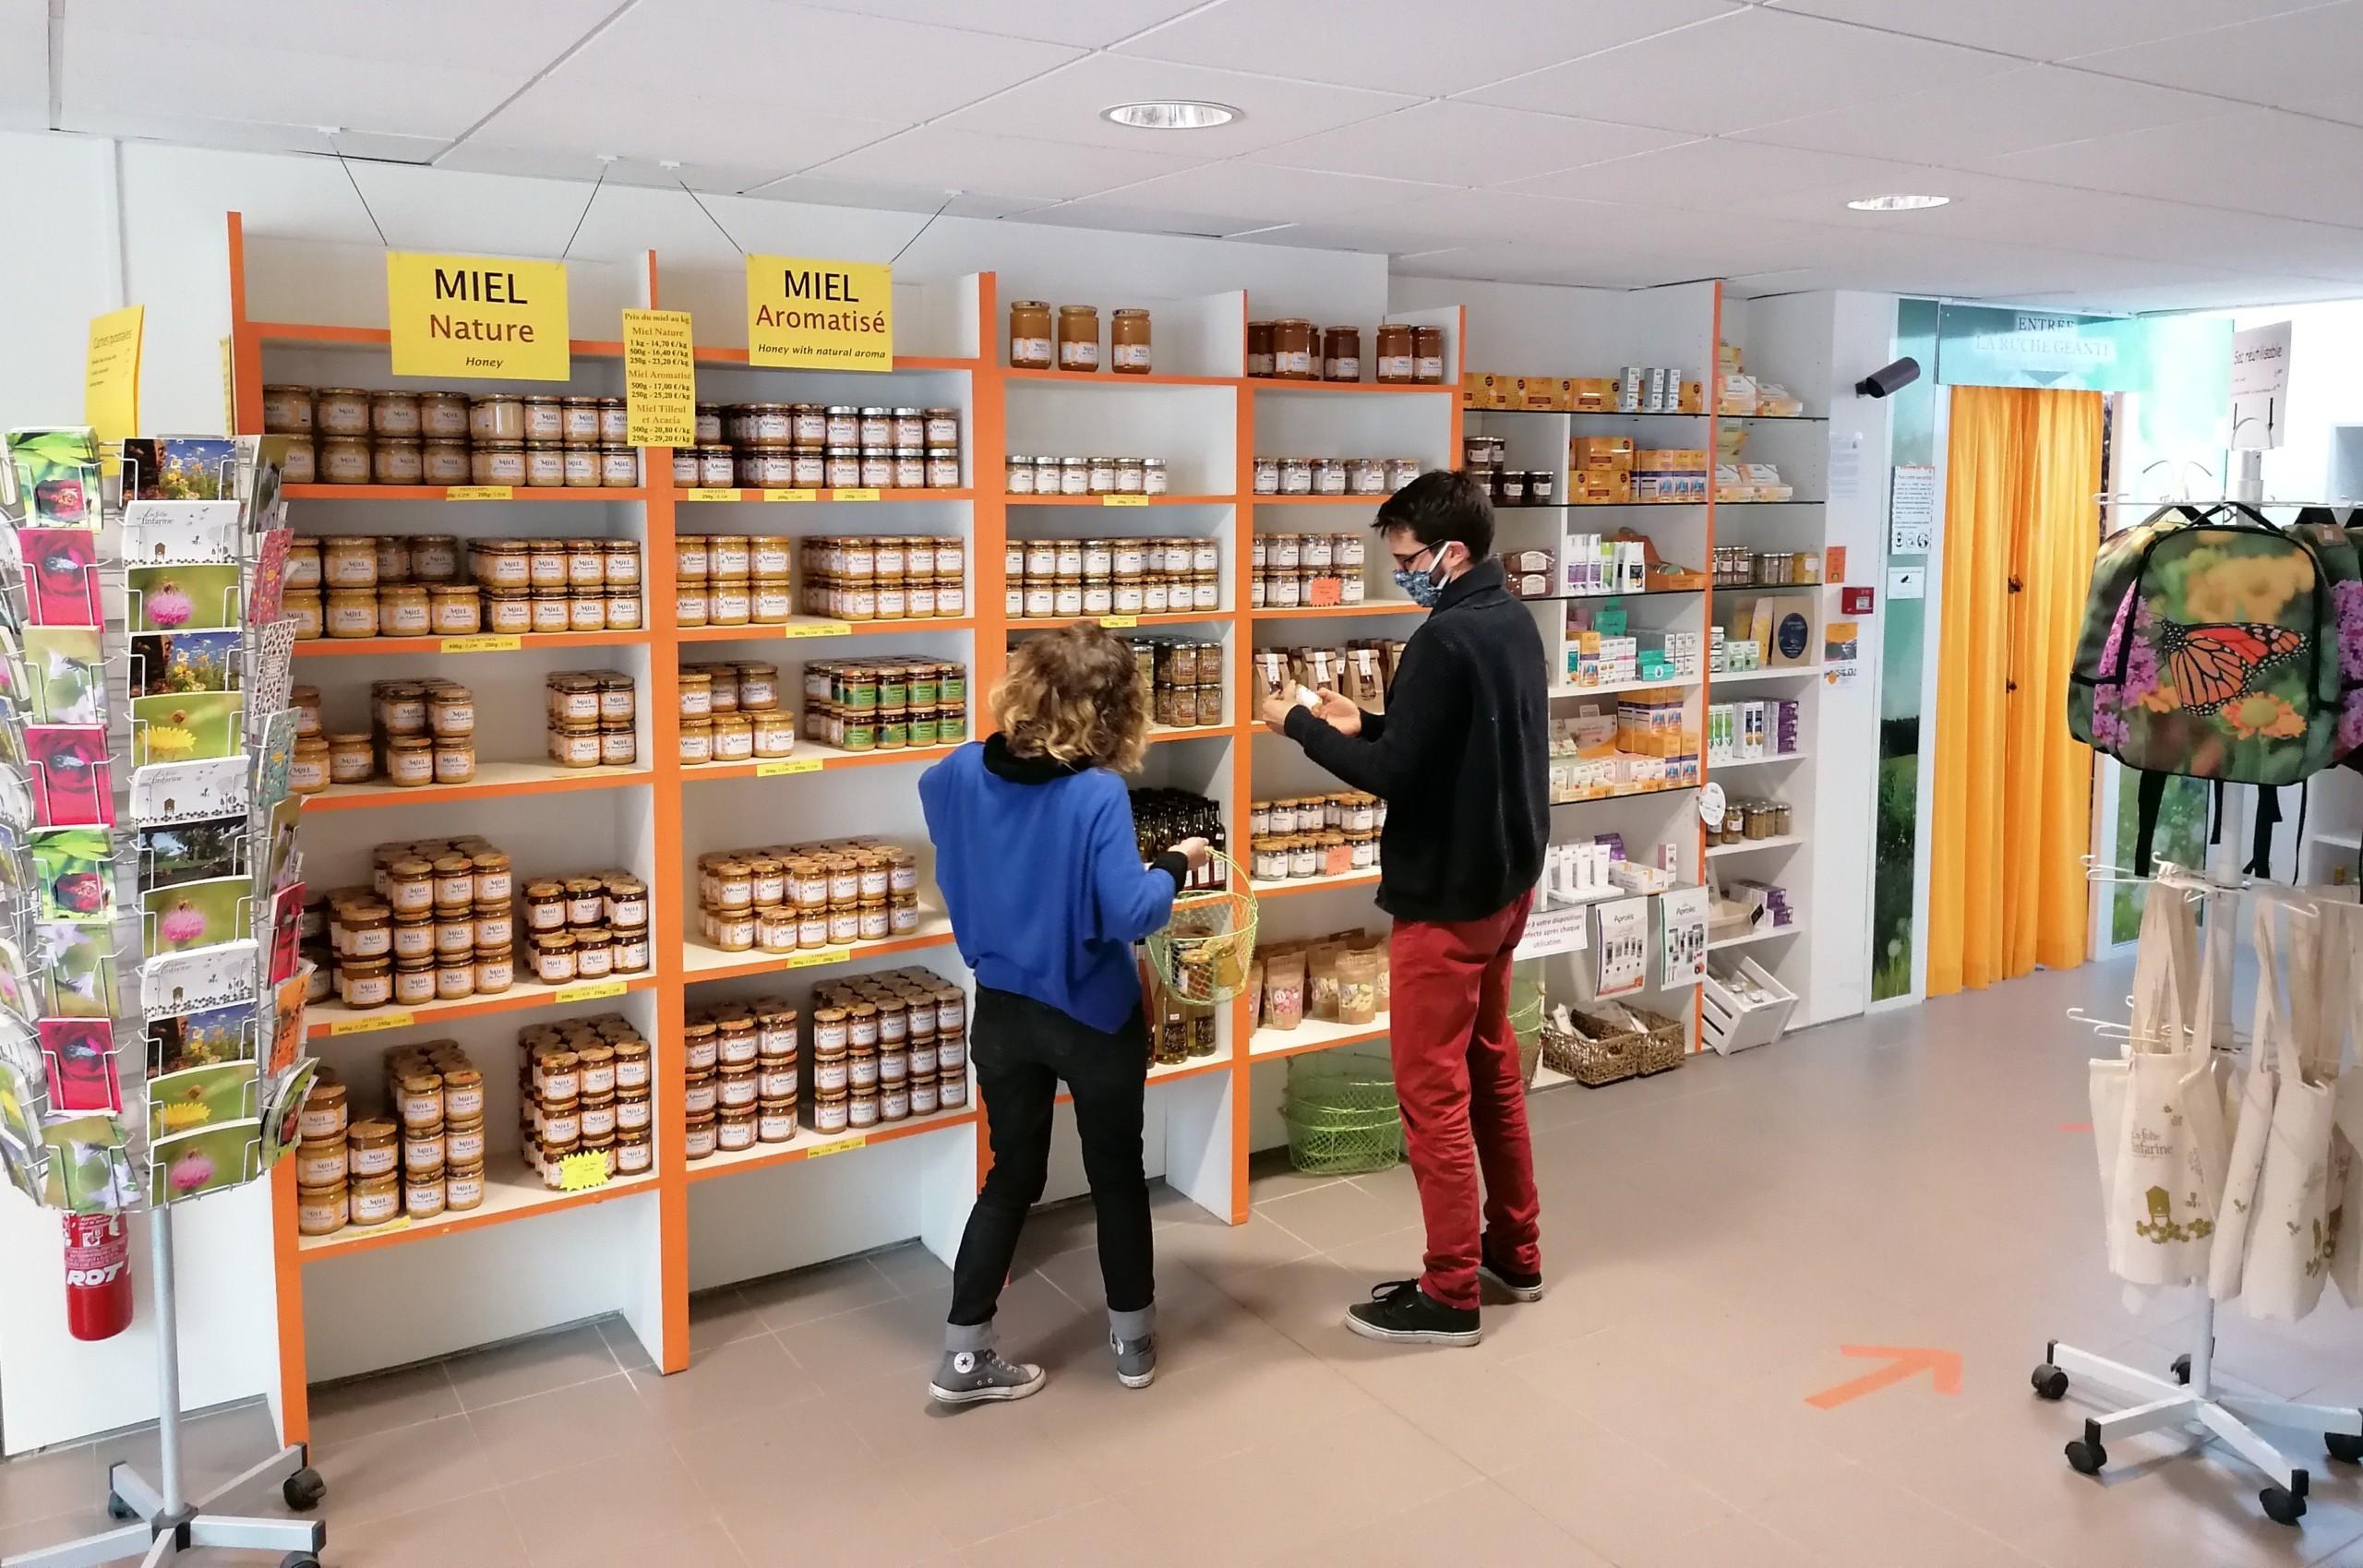 boutique de miels